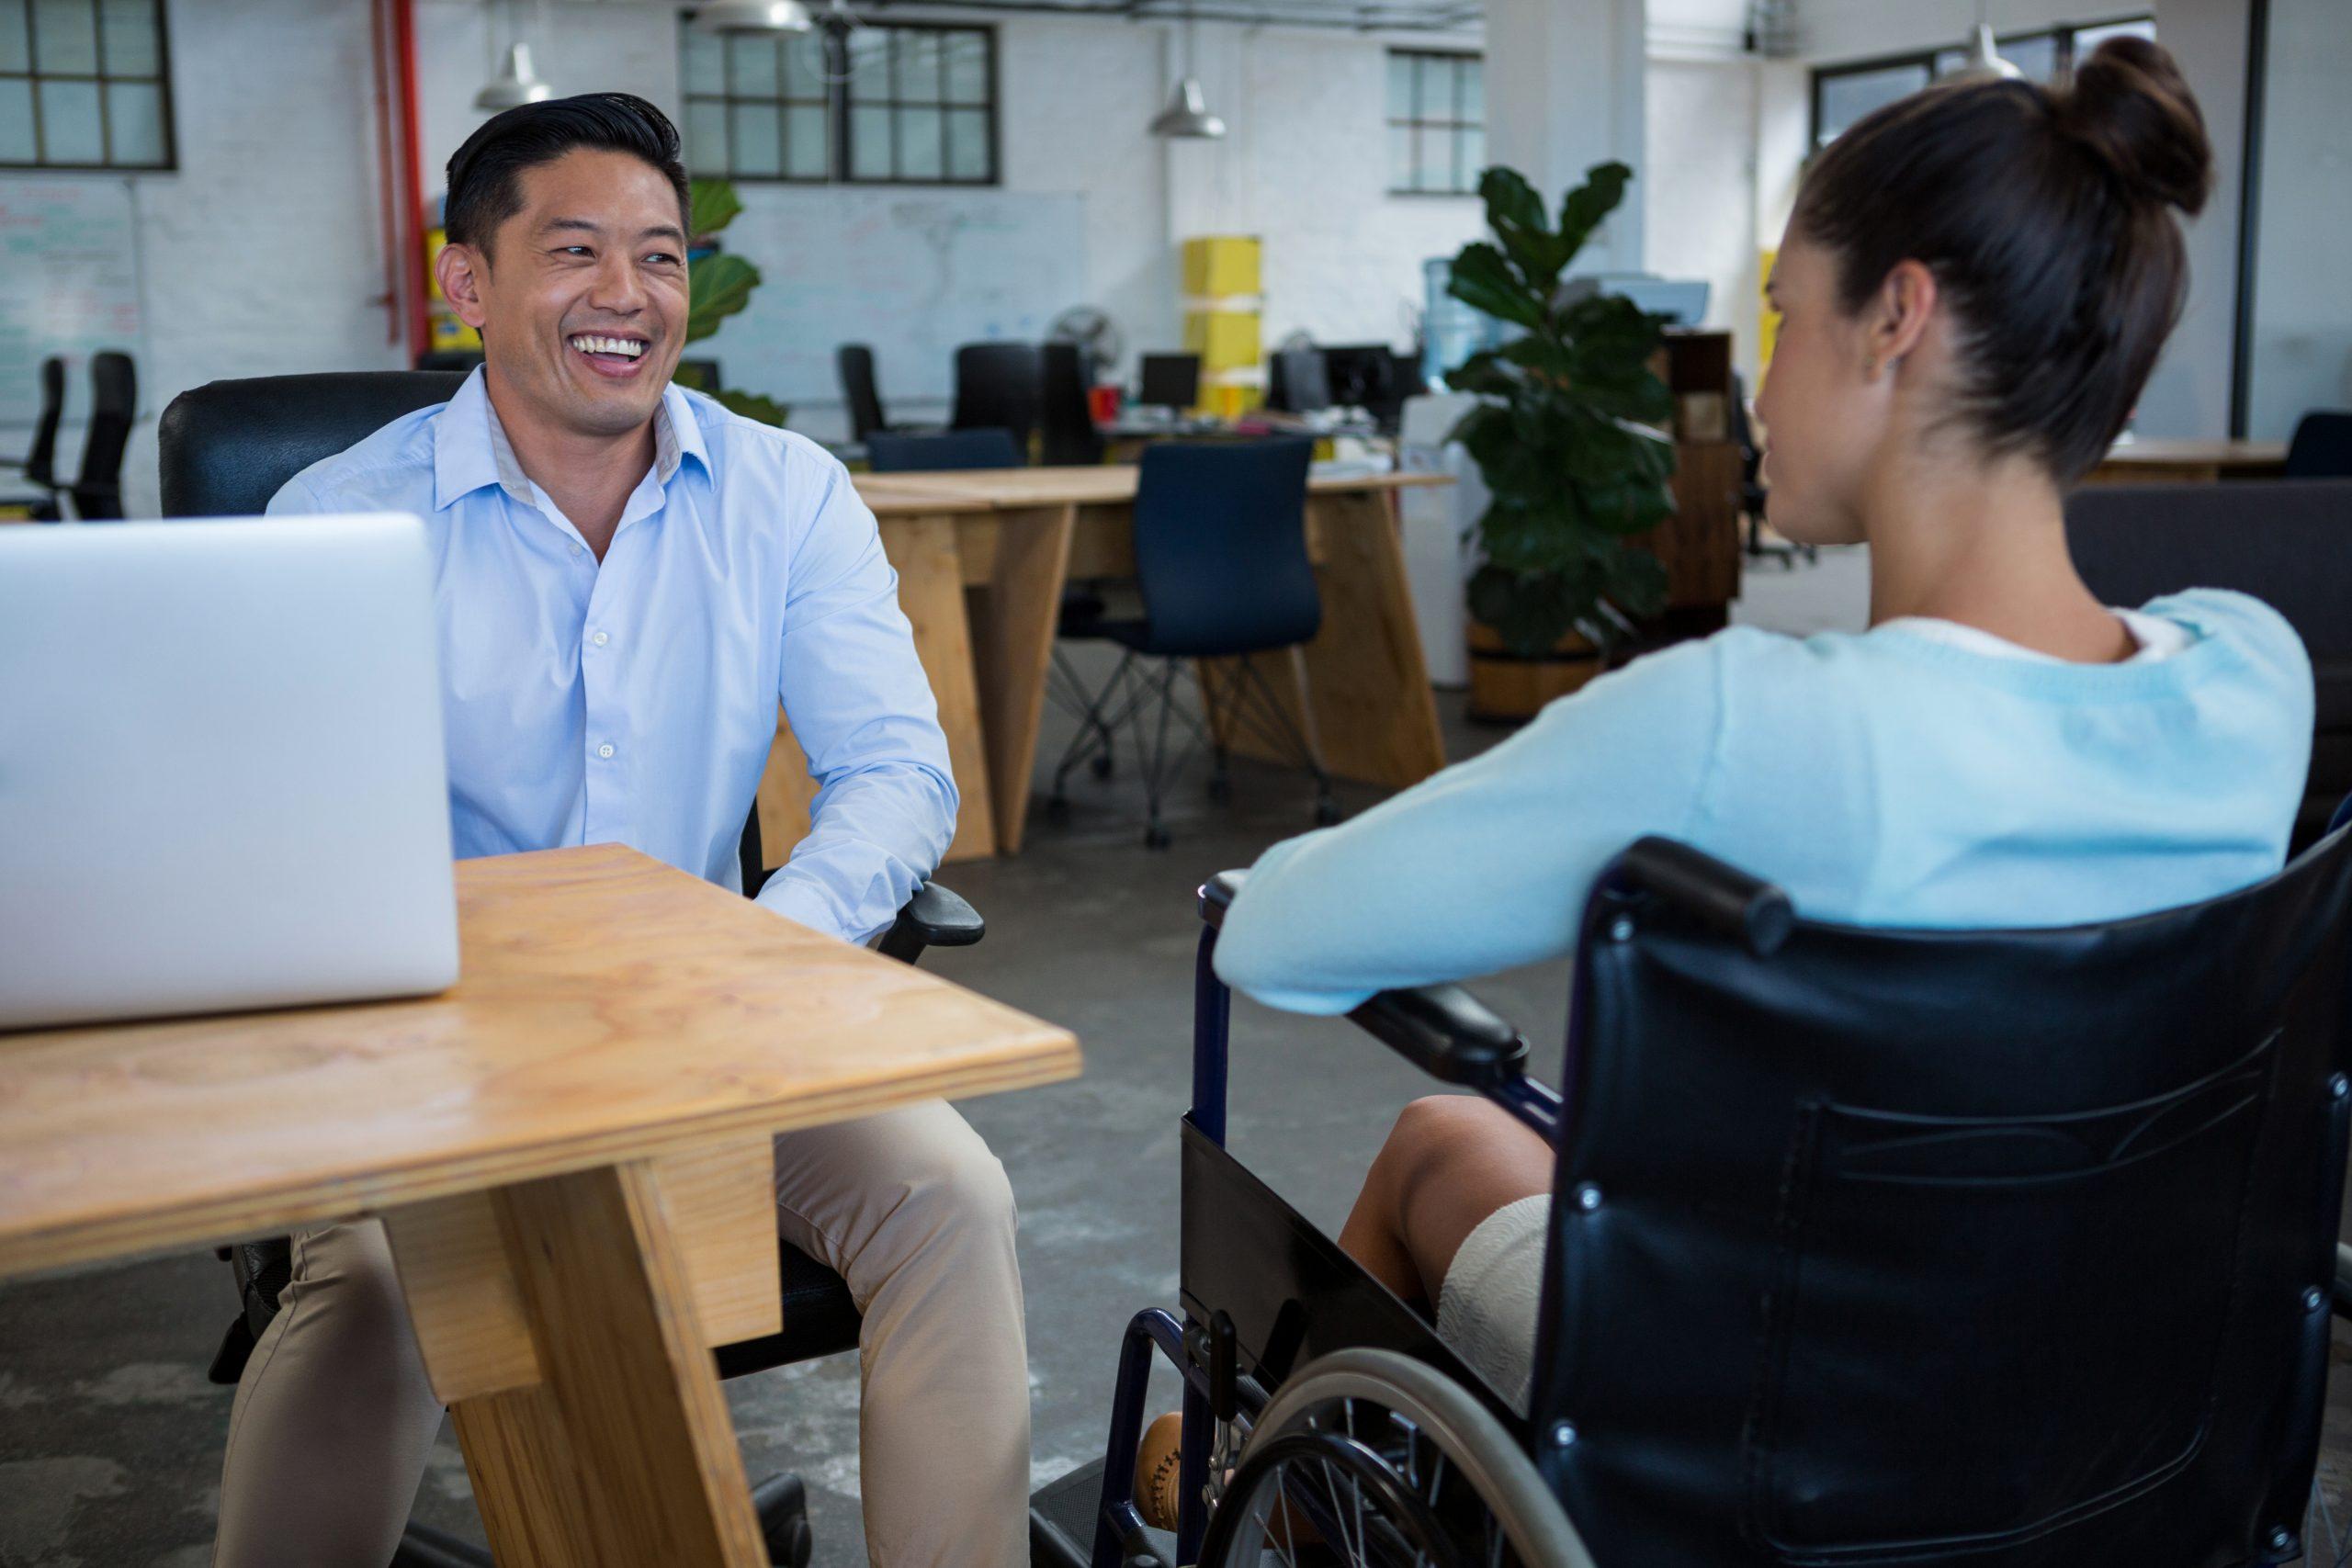 Business Spotlight: Shultz Career Consulting